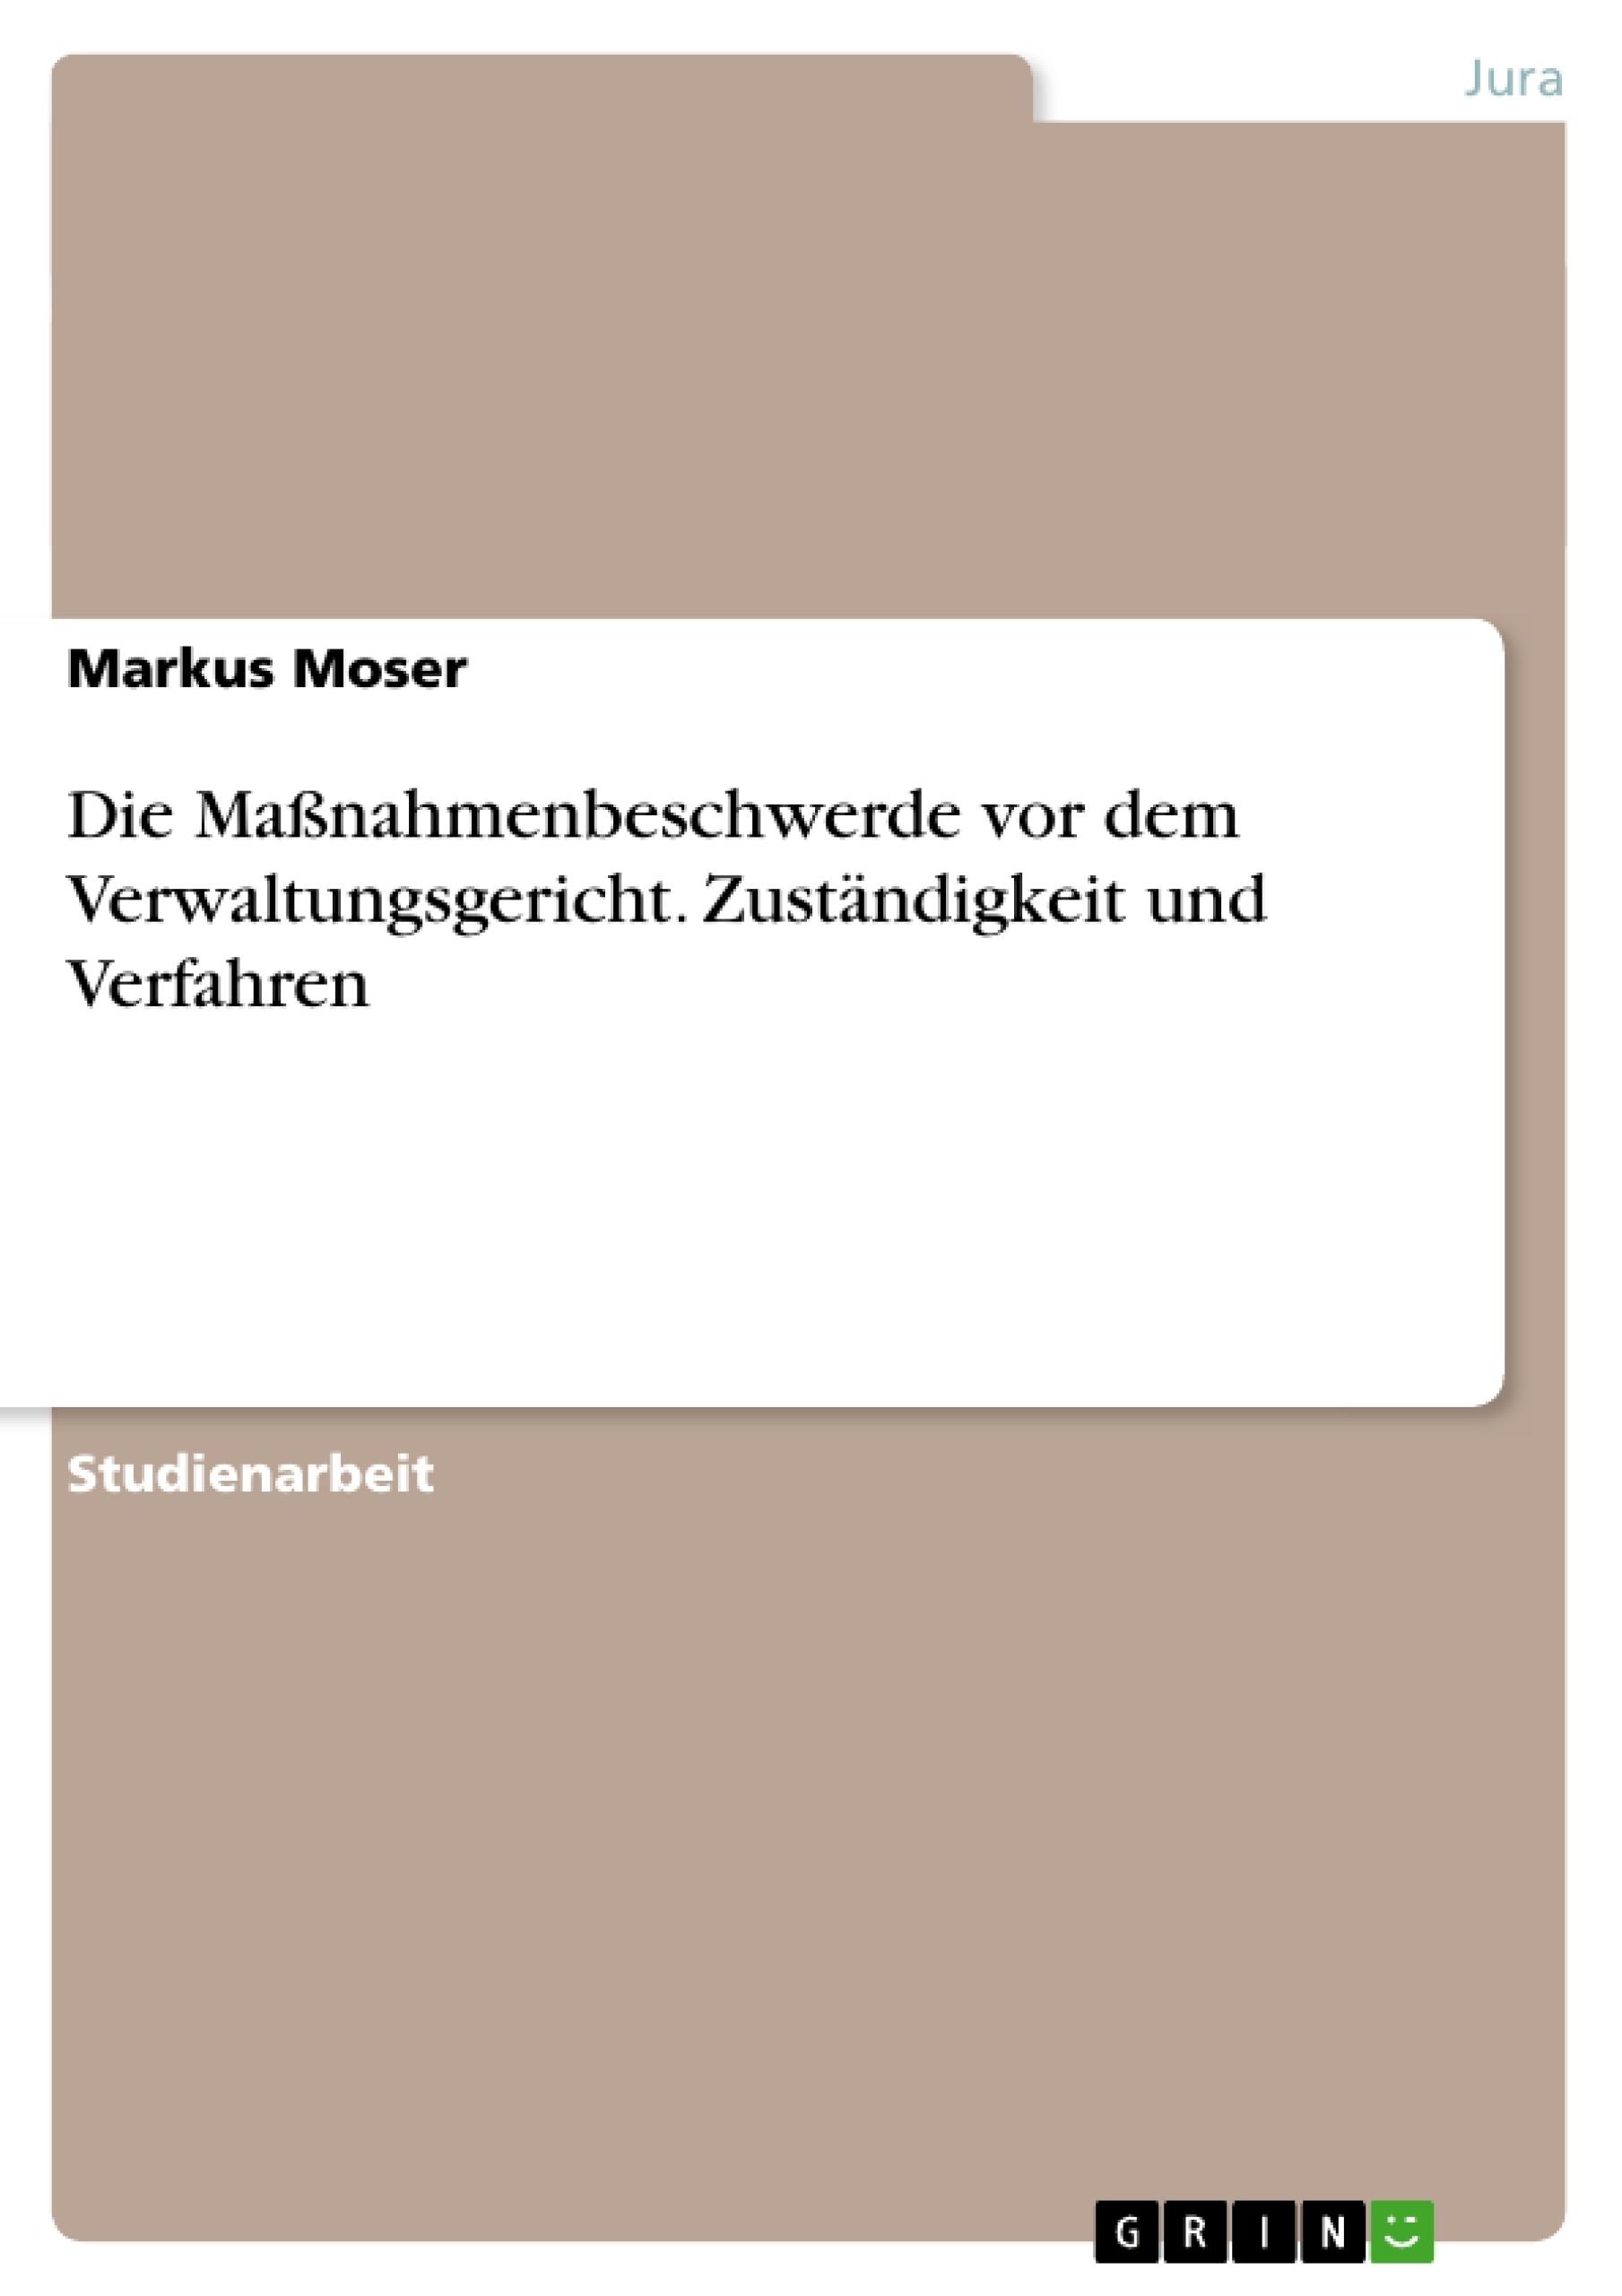 Titel: Die Maßnahmenbeschwerde vor dem Verwaltungsgericht. Zuständigkeit und Verfahren